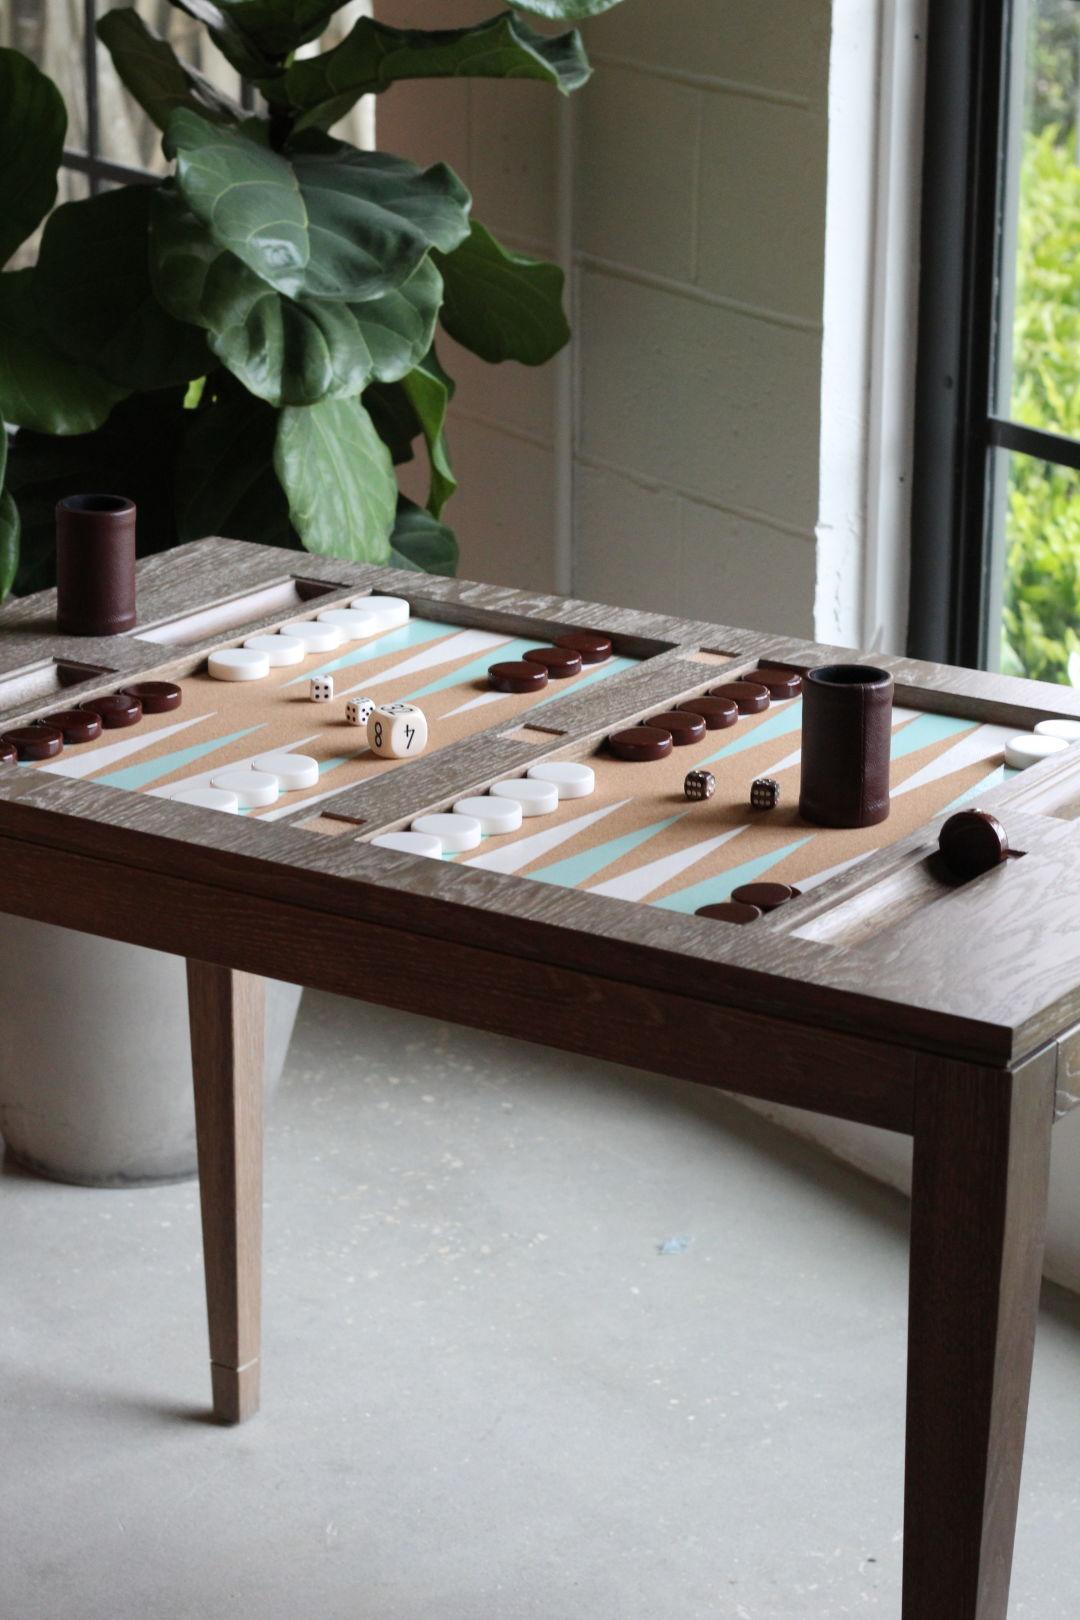 Backgammon driftwood table xiiy9f